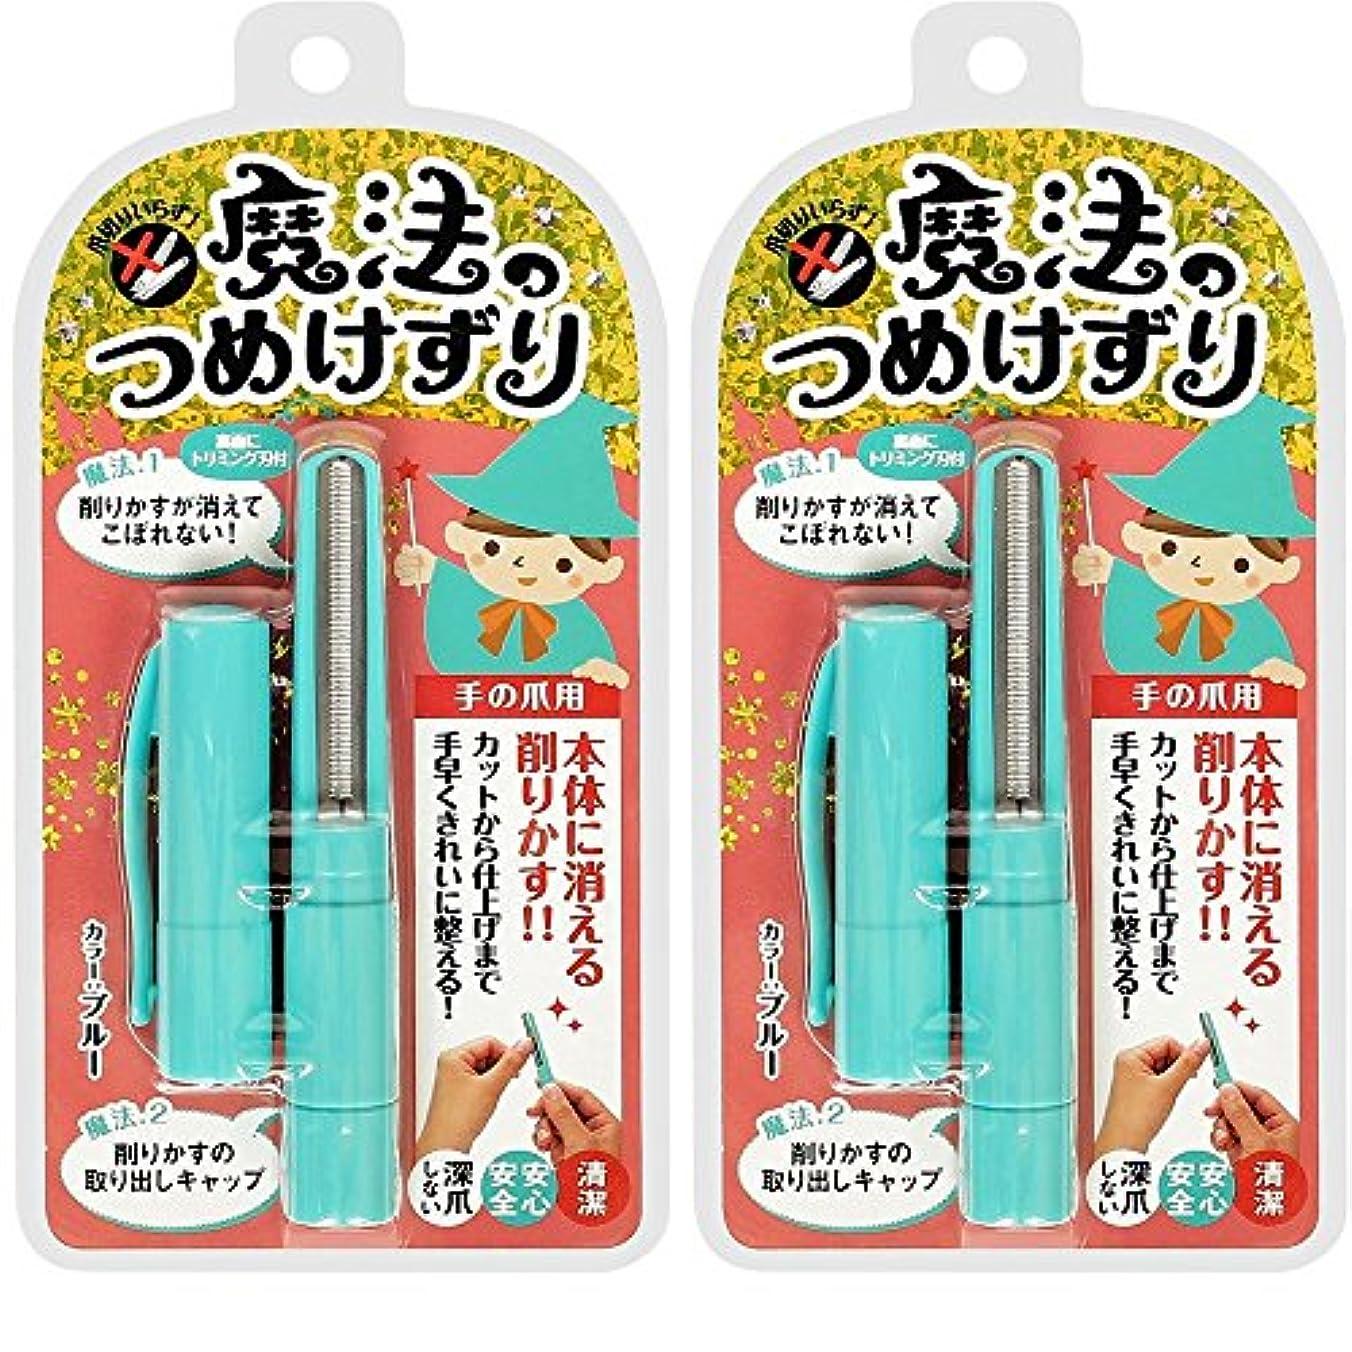 接ぎ木超えて甲虫【セット品】松本金型 魔法のつめけずり MM-091 ブルー 2個